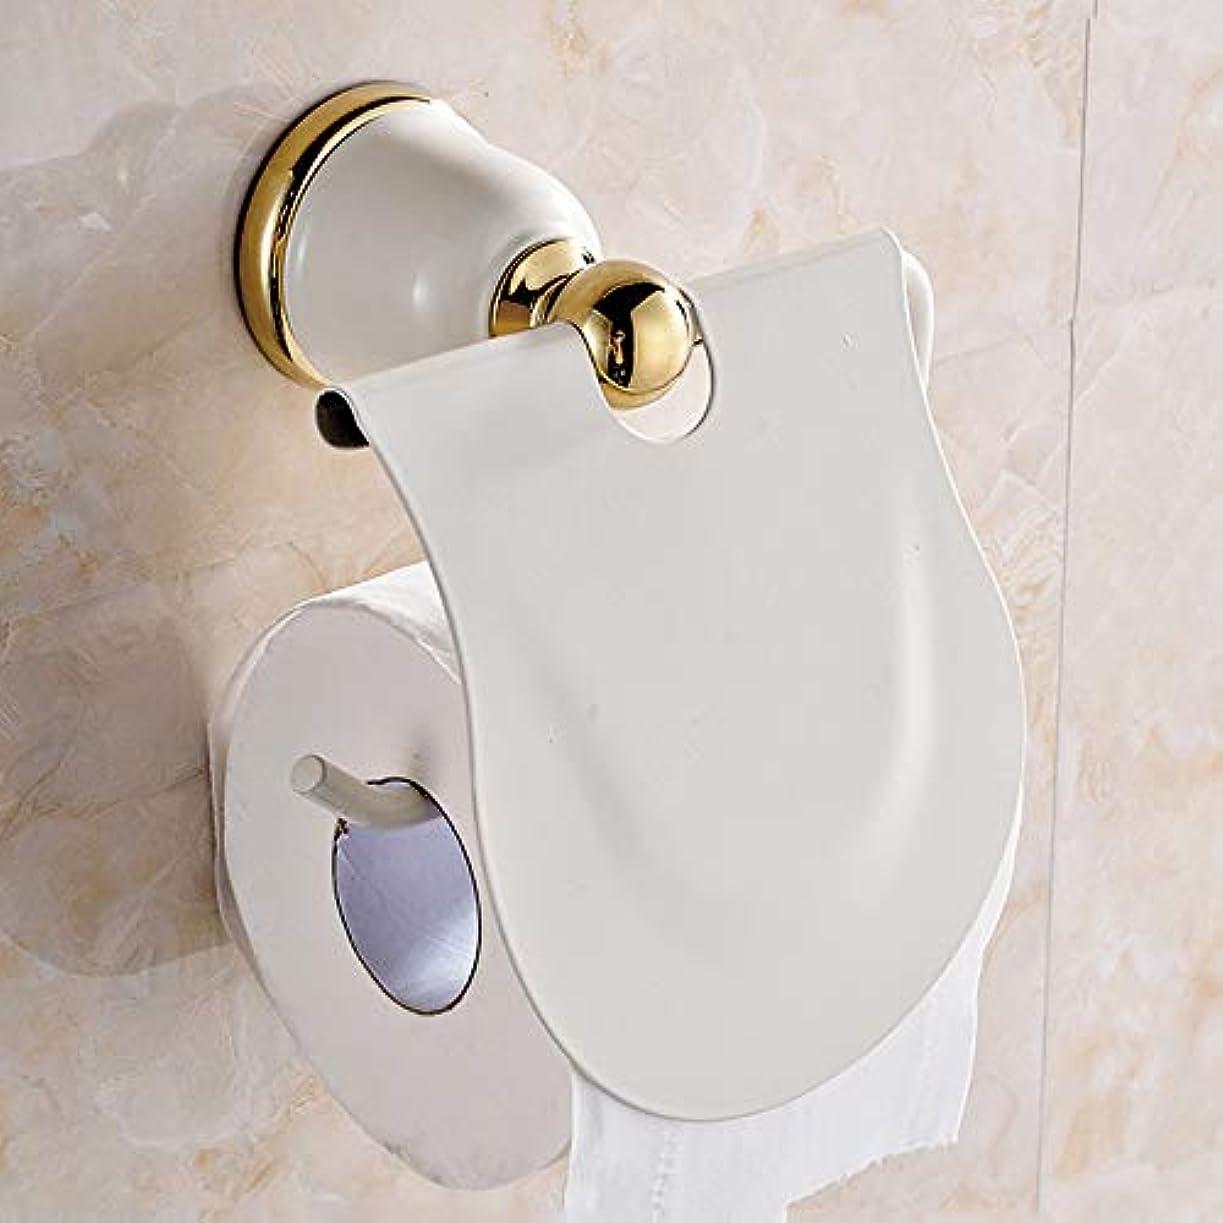 短くするロビー偽造ZZLX 紙タオルホルダー、ヨーロピアンパストラルライスホワイトペイントロールカートントイレットペーパーホルダーゴールドアンティークティッシュボックスバスルームペンダント ロングハンドル風呂ブラシ (色 : ゴールド)